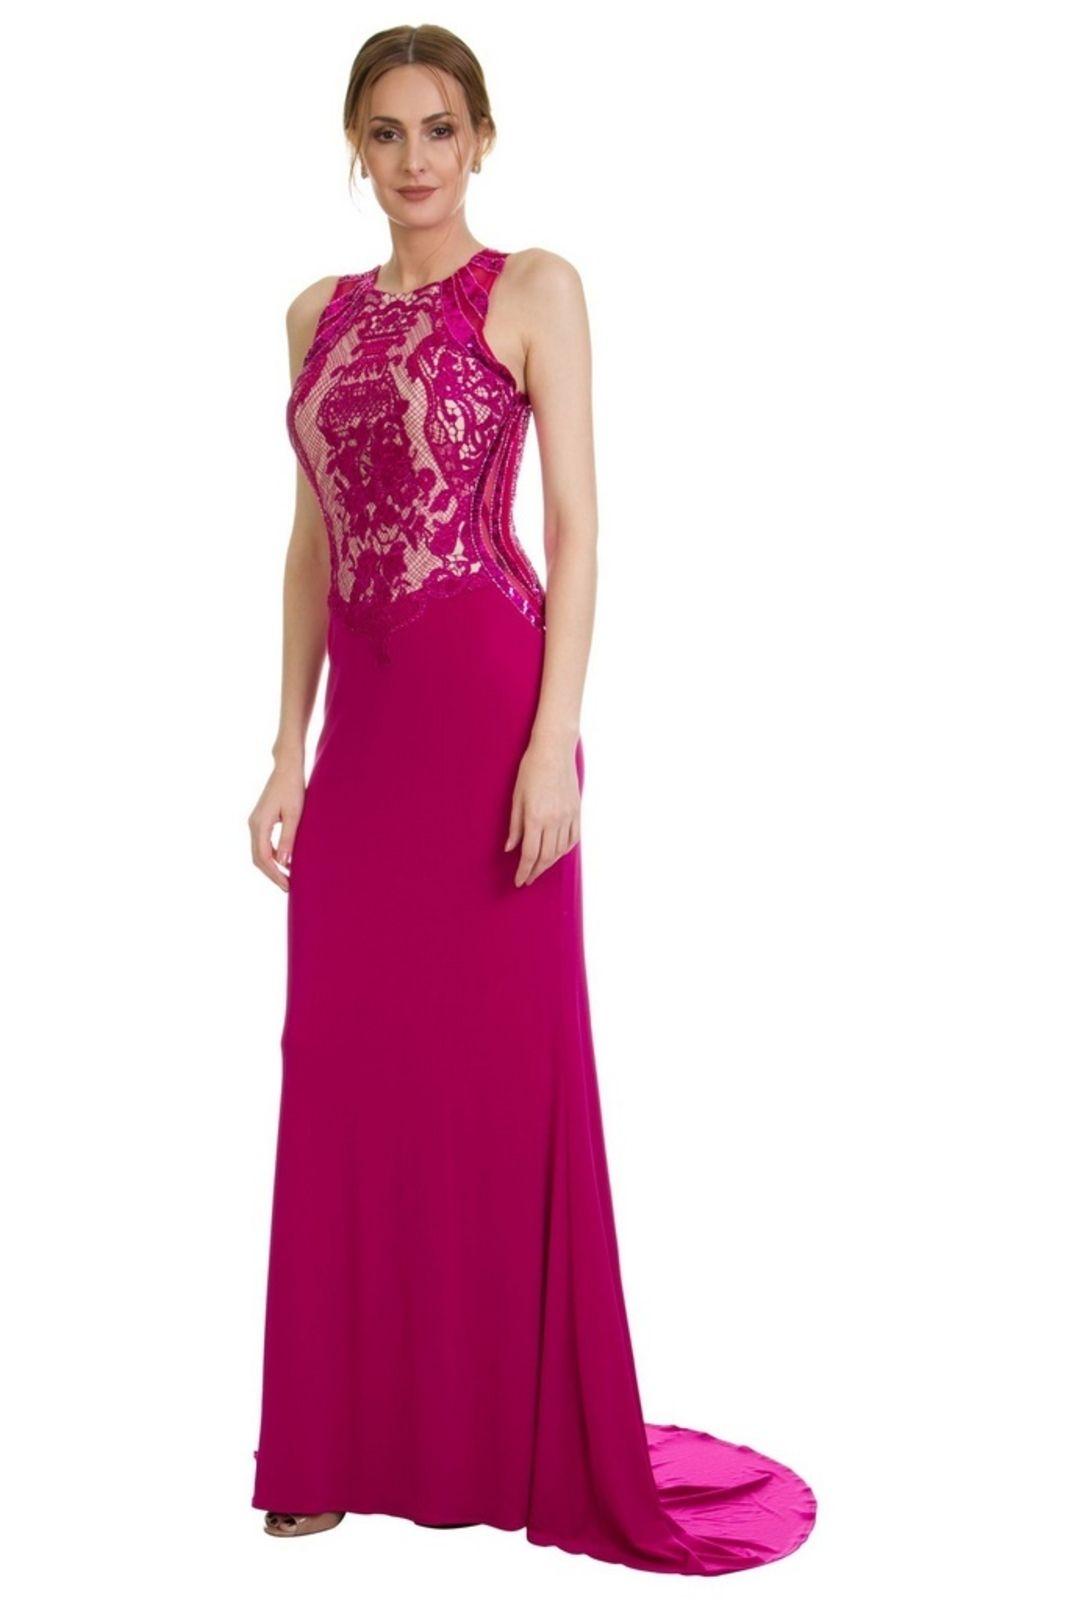 983f097bb0 Vestido Izad longo busto em renda bordada Pink